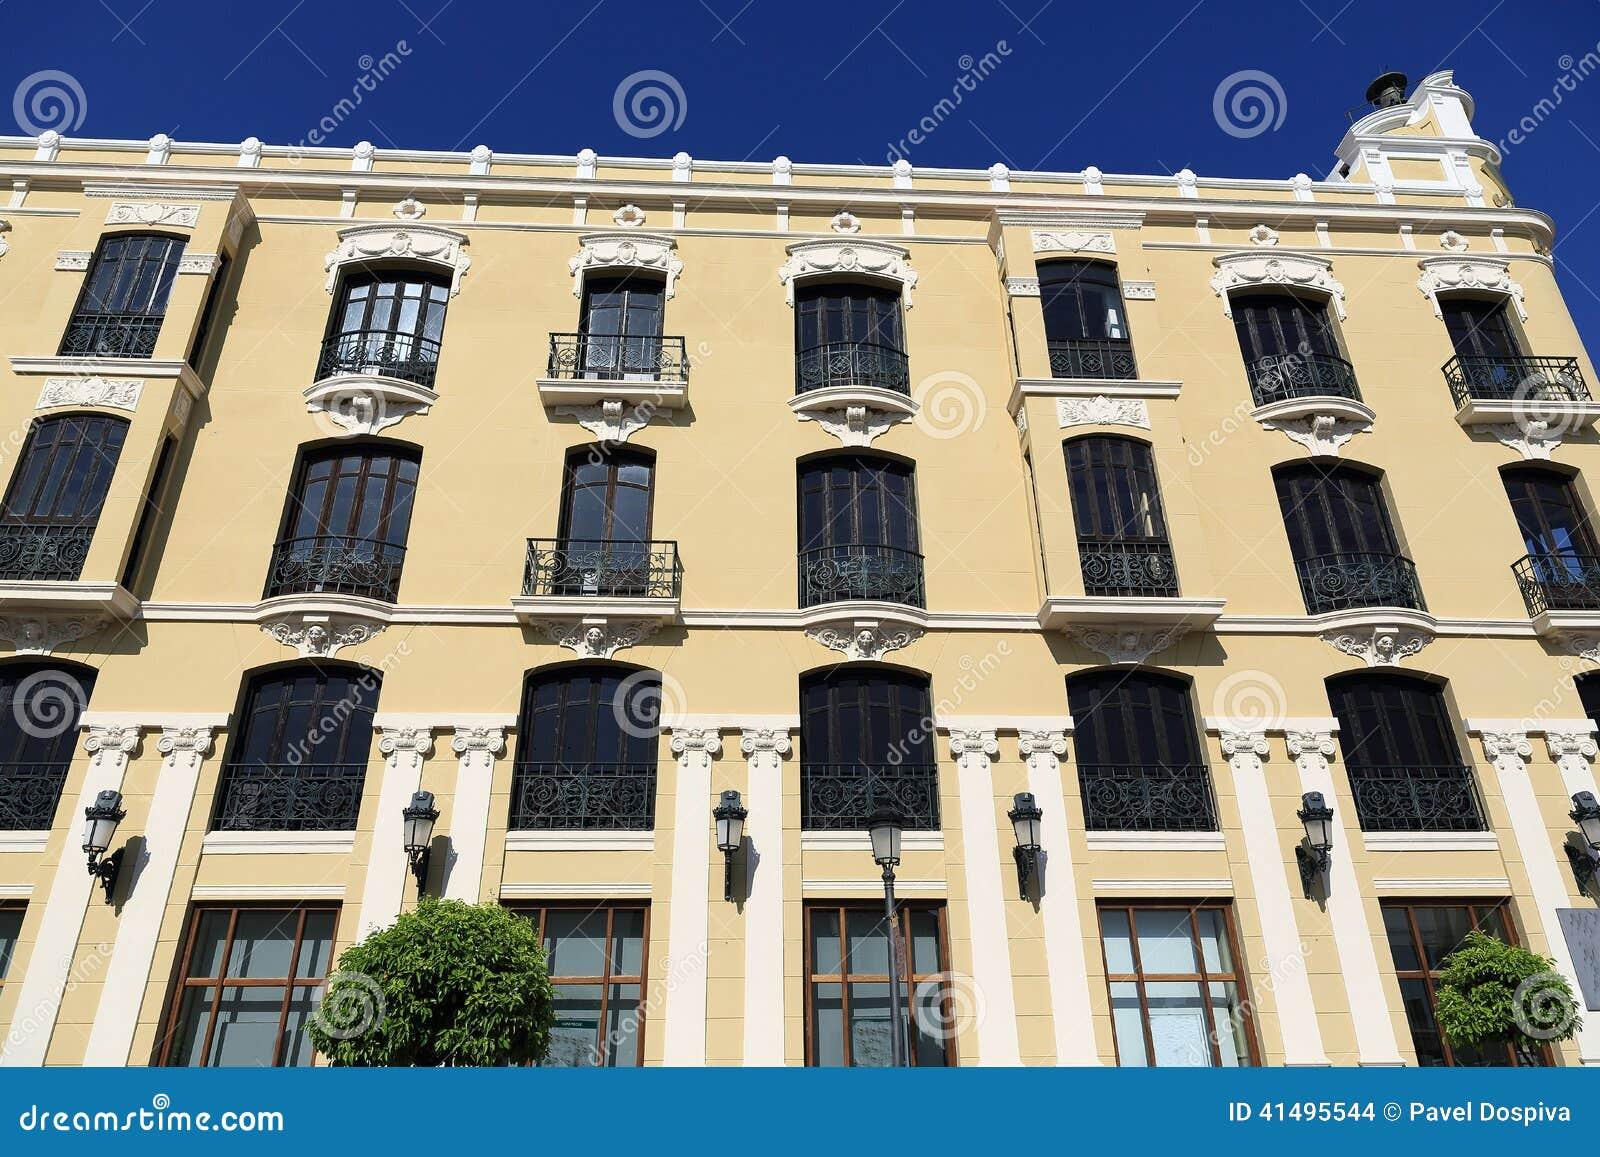 L 39 architettura di vecchie case a ronda andalusia spagna for Case di architettura spagnola